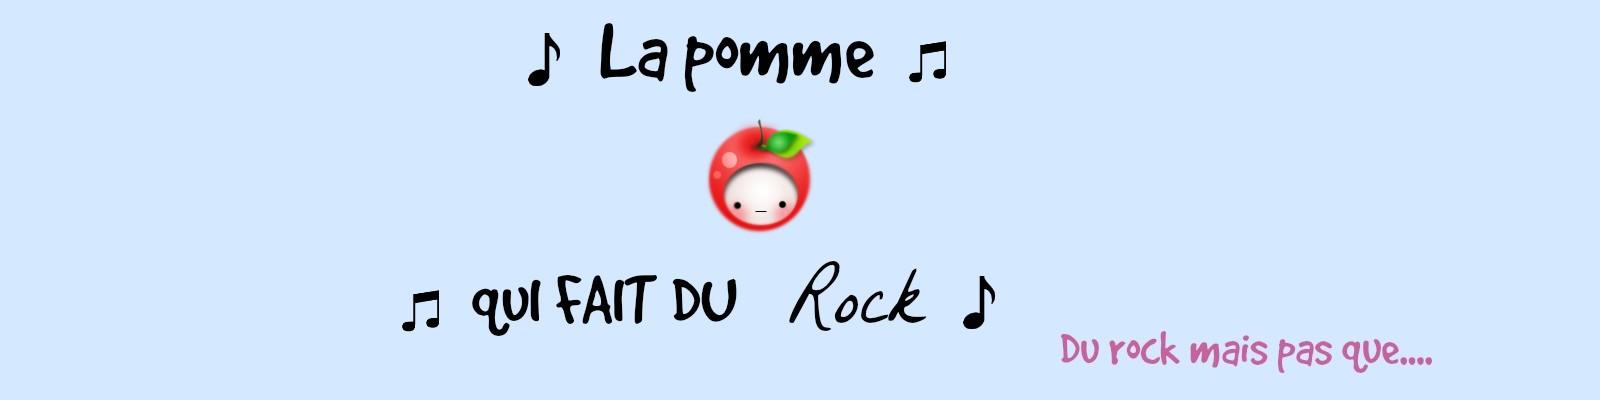 La pomme qui fait du rock